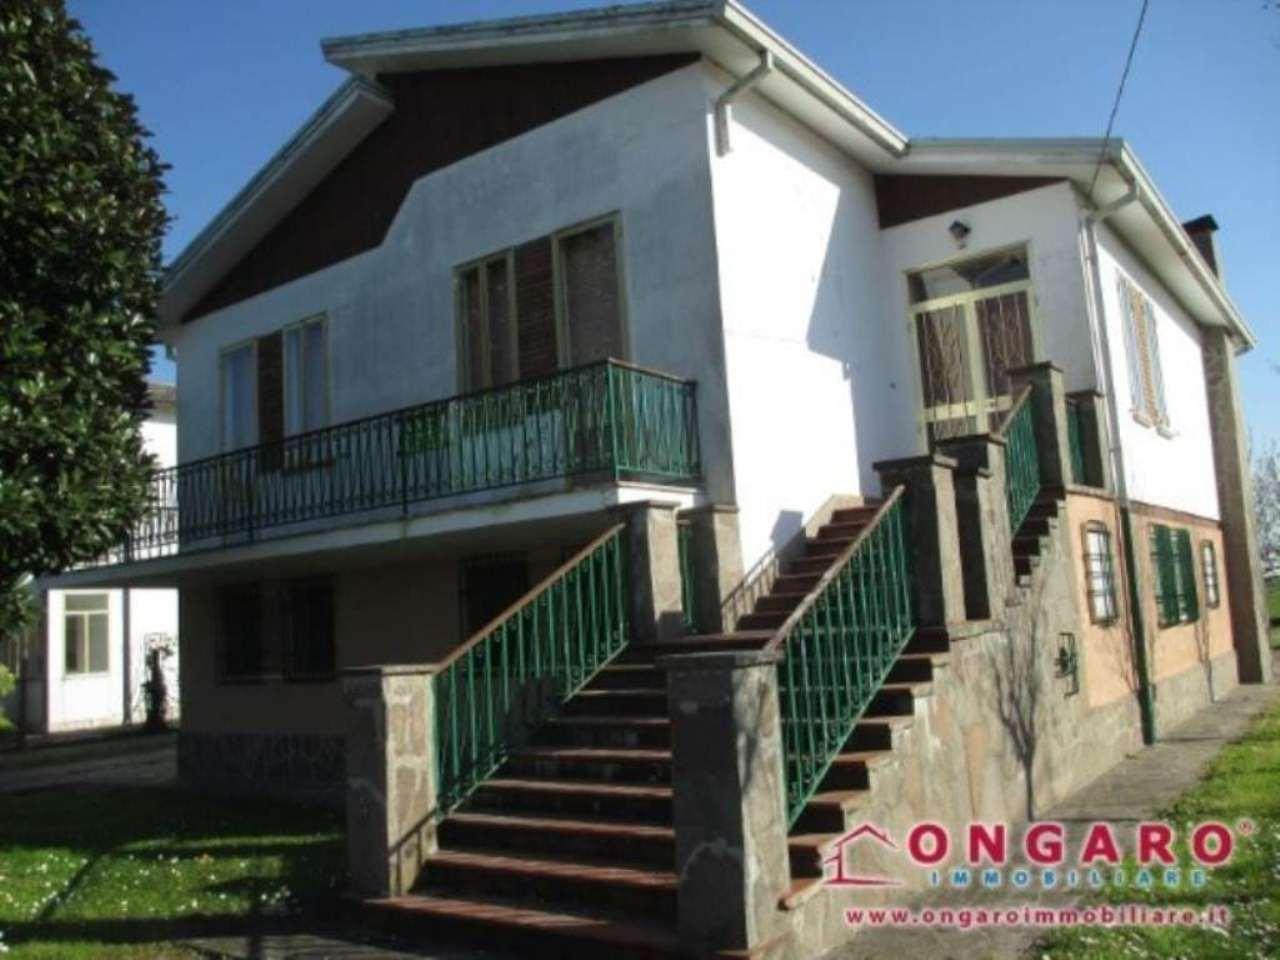 Villa in vendita a Copparo, 6 locali, prezzo € 110.000 | Cambio Casa.it